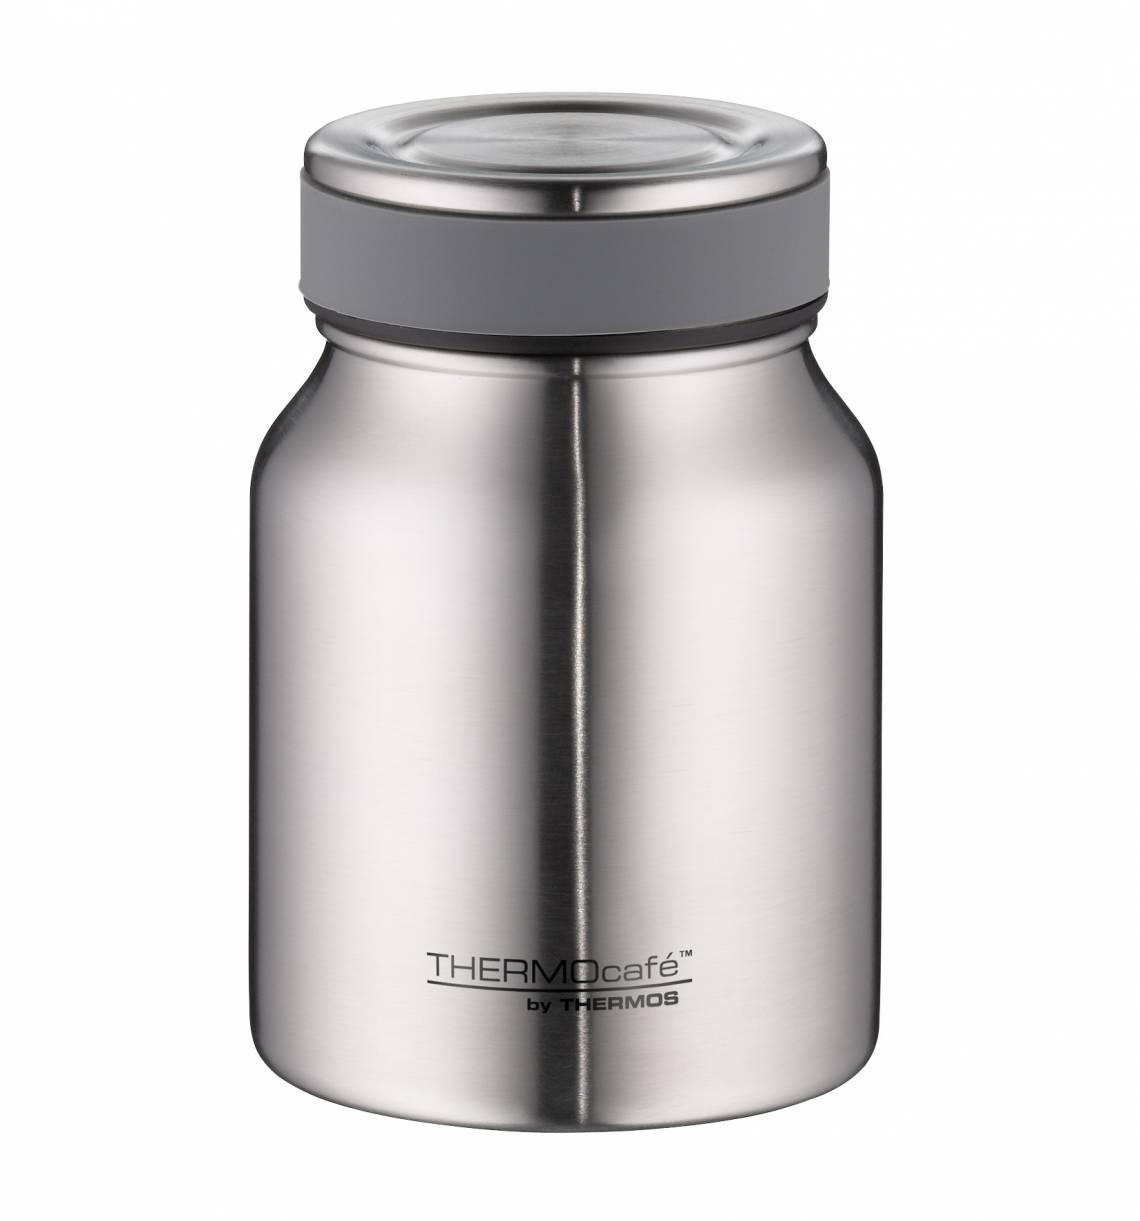 Thermos_TC_Food_Jar_stainless_steel Isolier-Speisegefäß